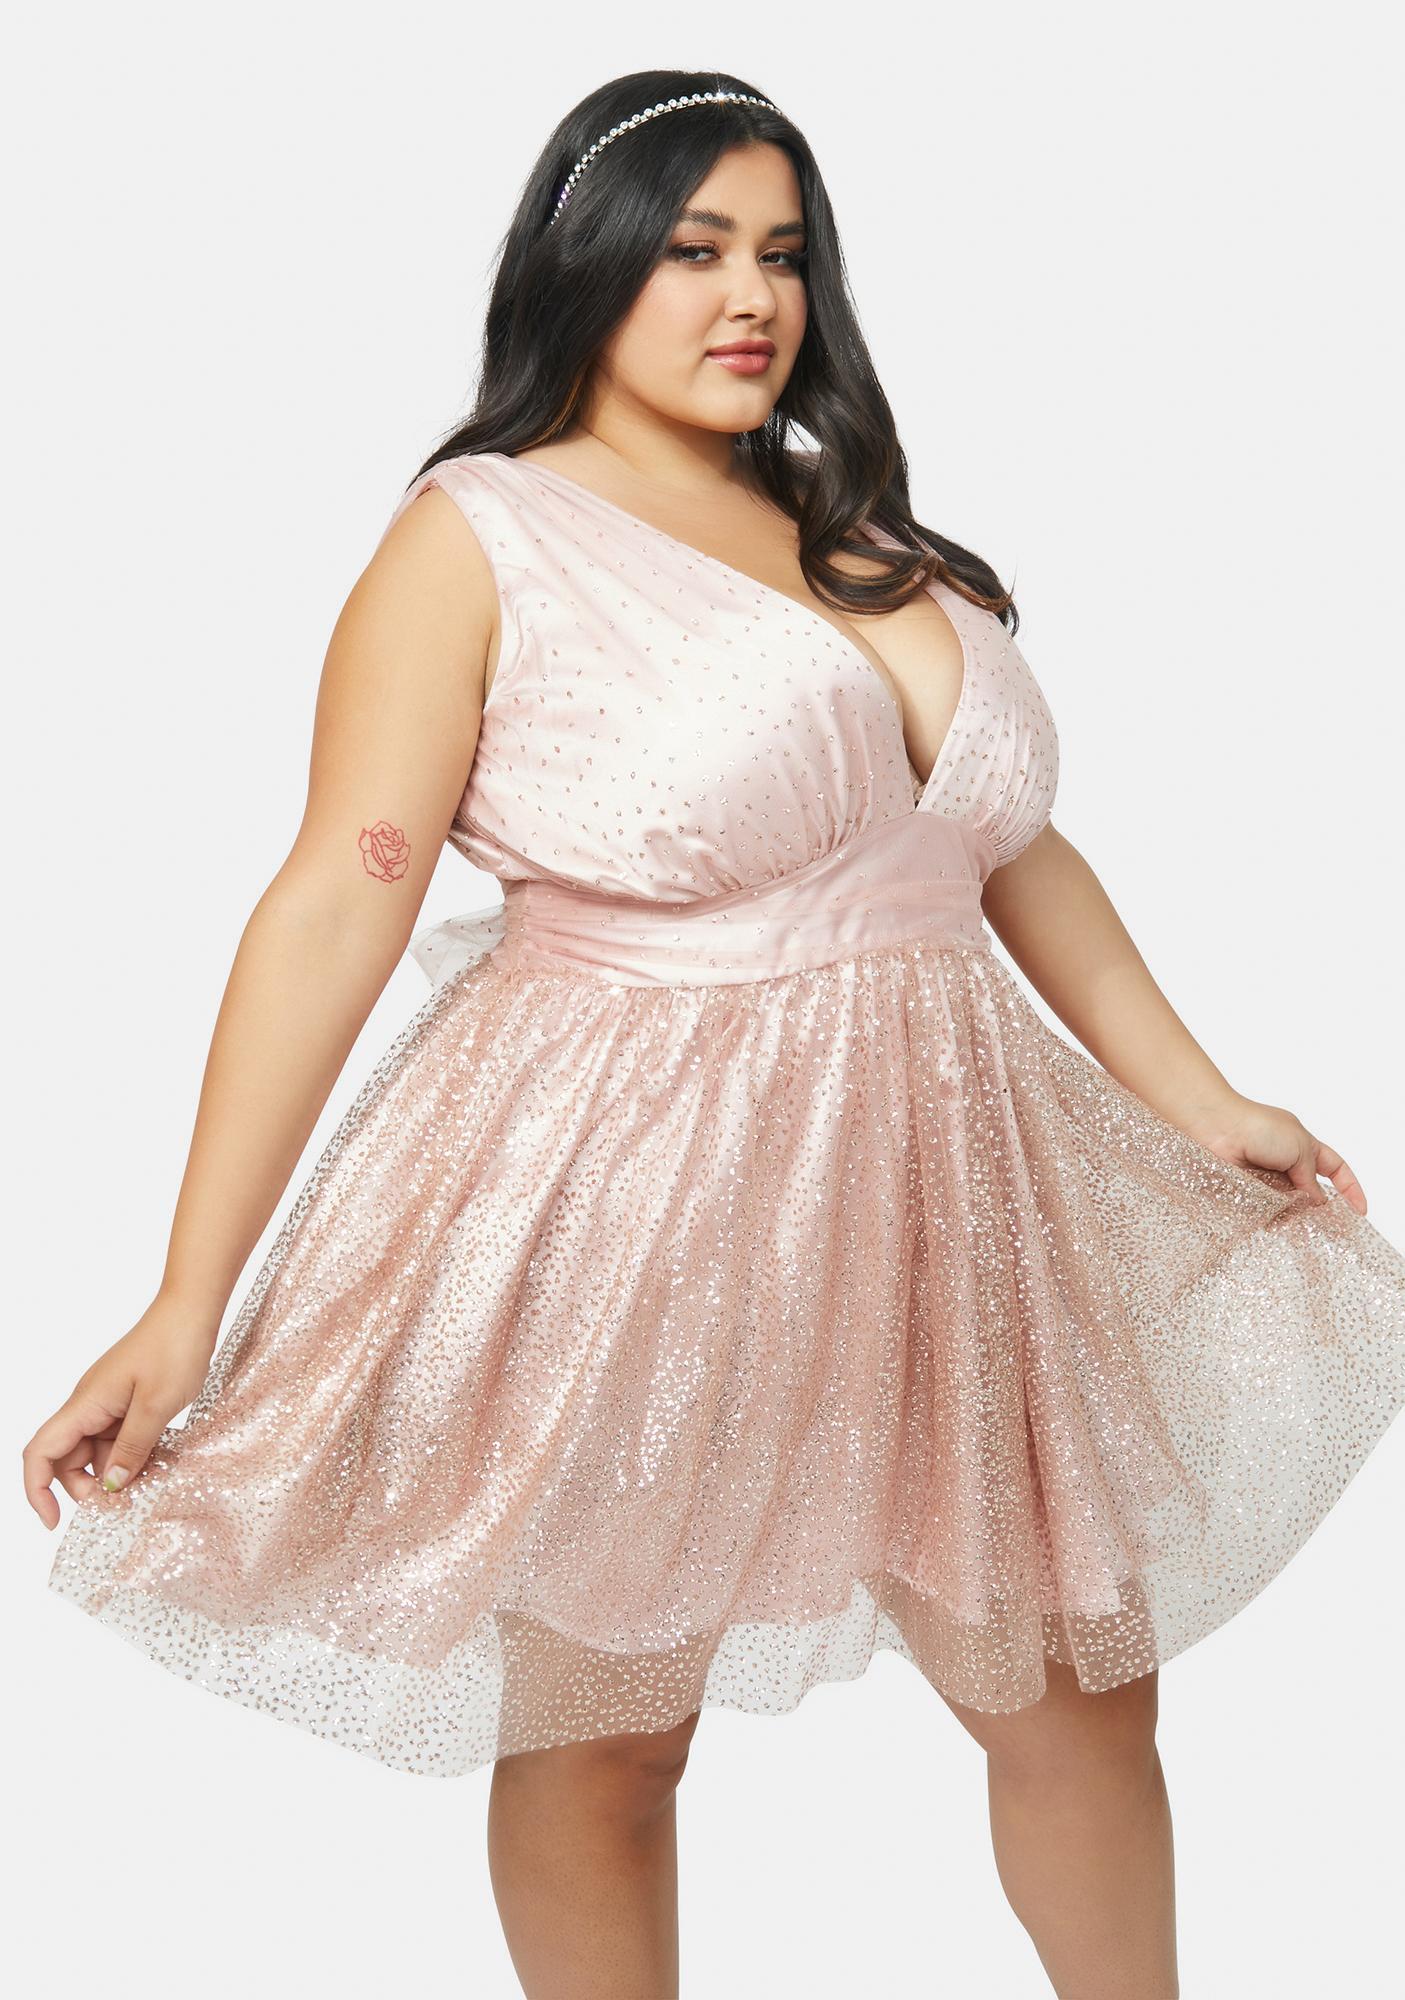 Sugar Thrillz Always High Class Sass Tulle Dress